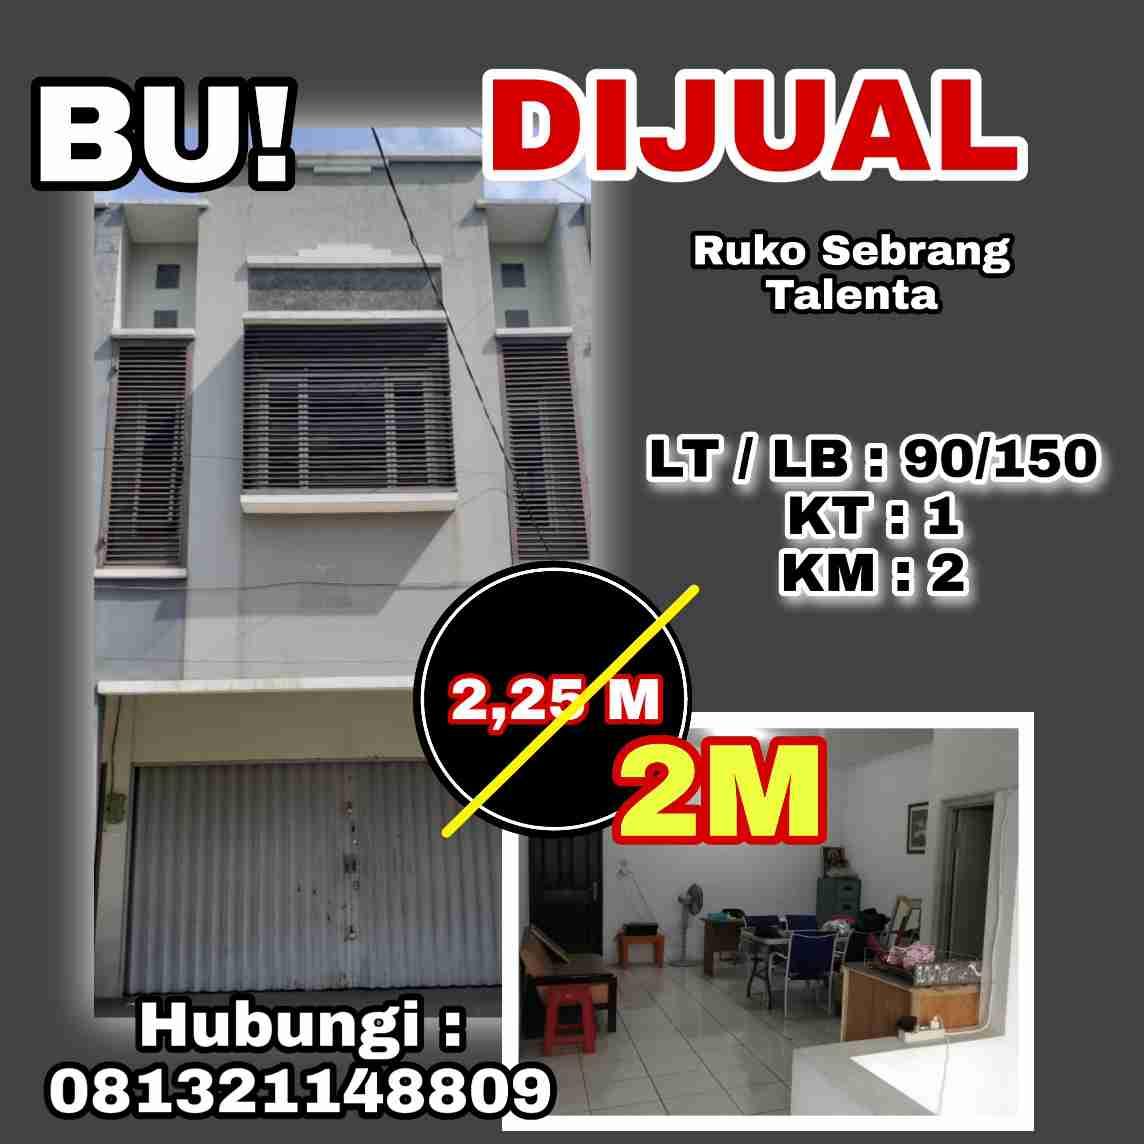 Dijual Ruko Sebrang Talenta Bandung